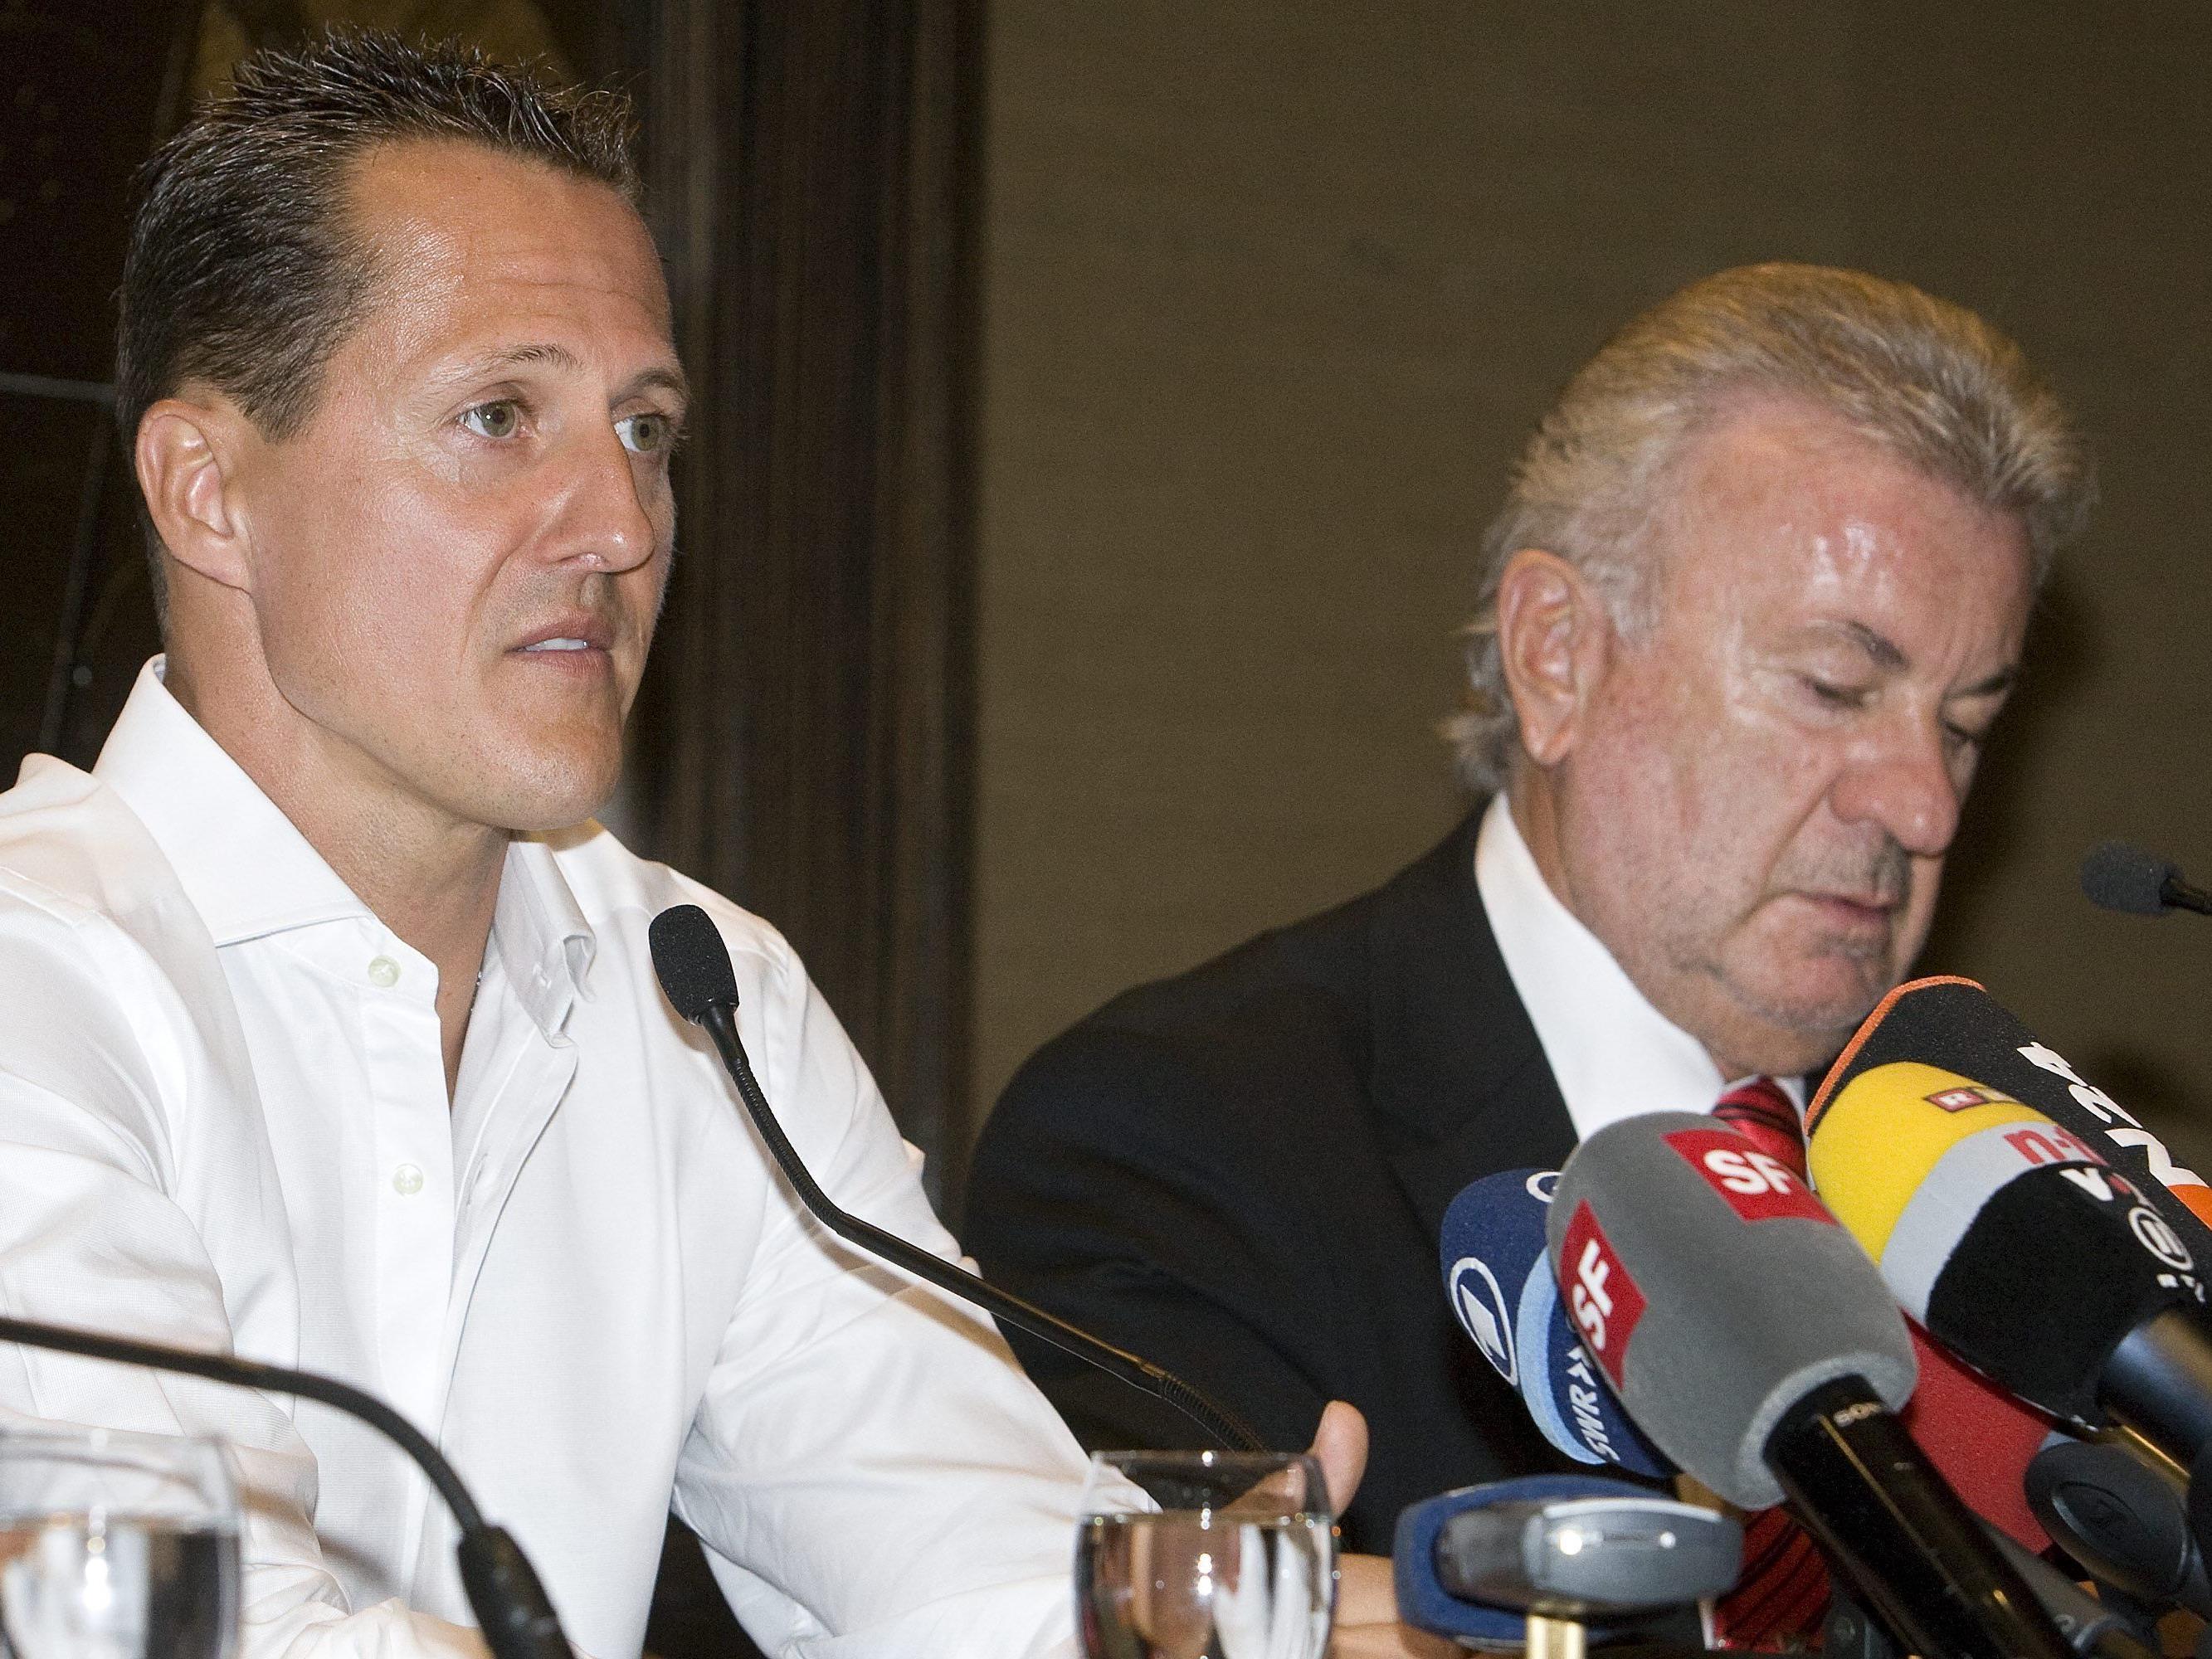 Weber (rechts) mit harter Kritik an Familie.